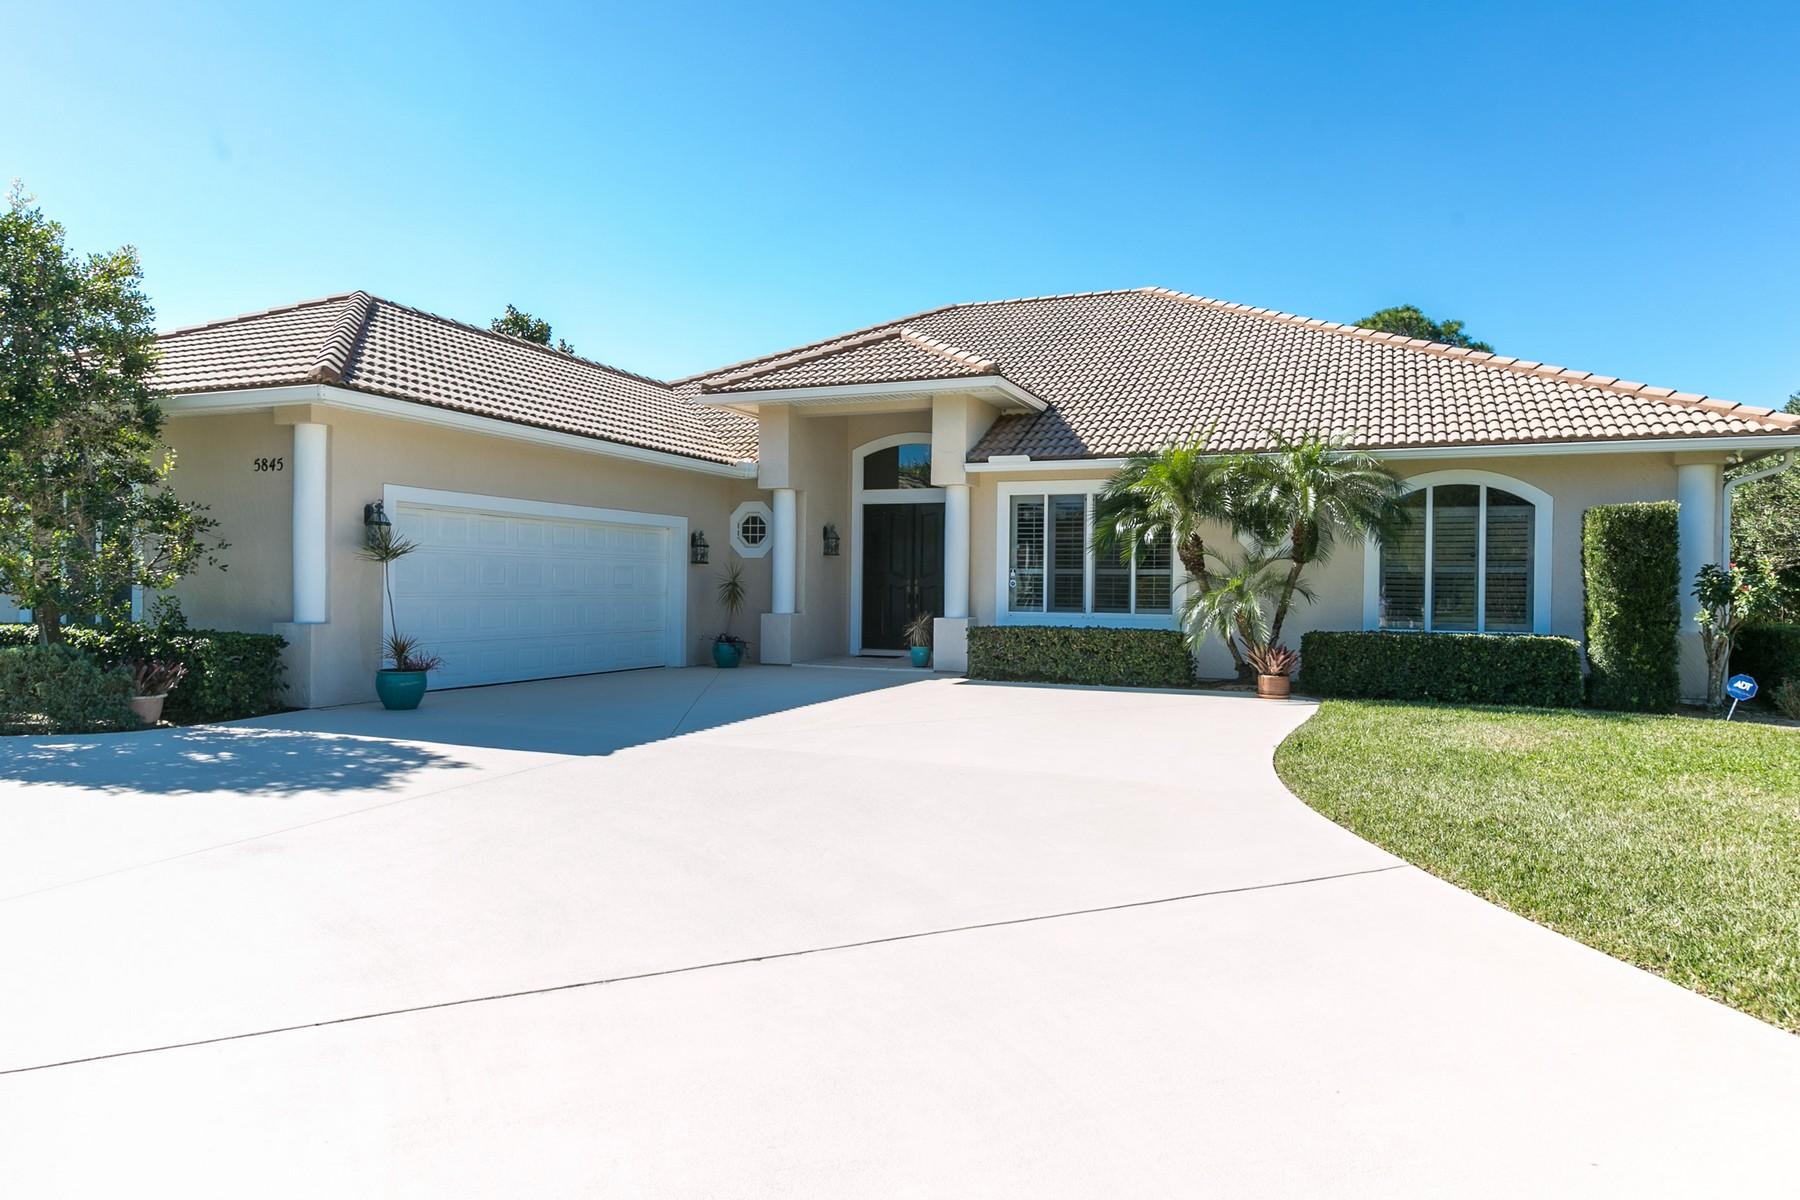 Nhà ở một gia đình vì Bán tại Pool Home in Bent Pine 5845 Turnberry Lane Vero Beach, Florida, 32967 Hoa Kỳ